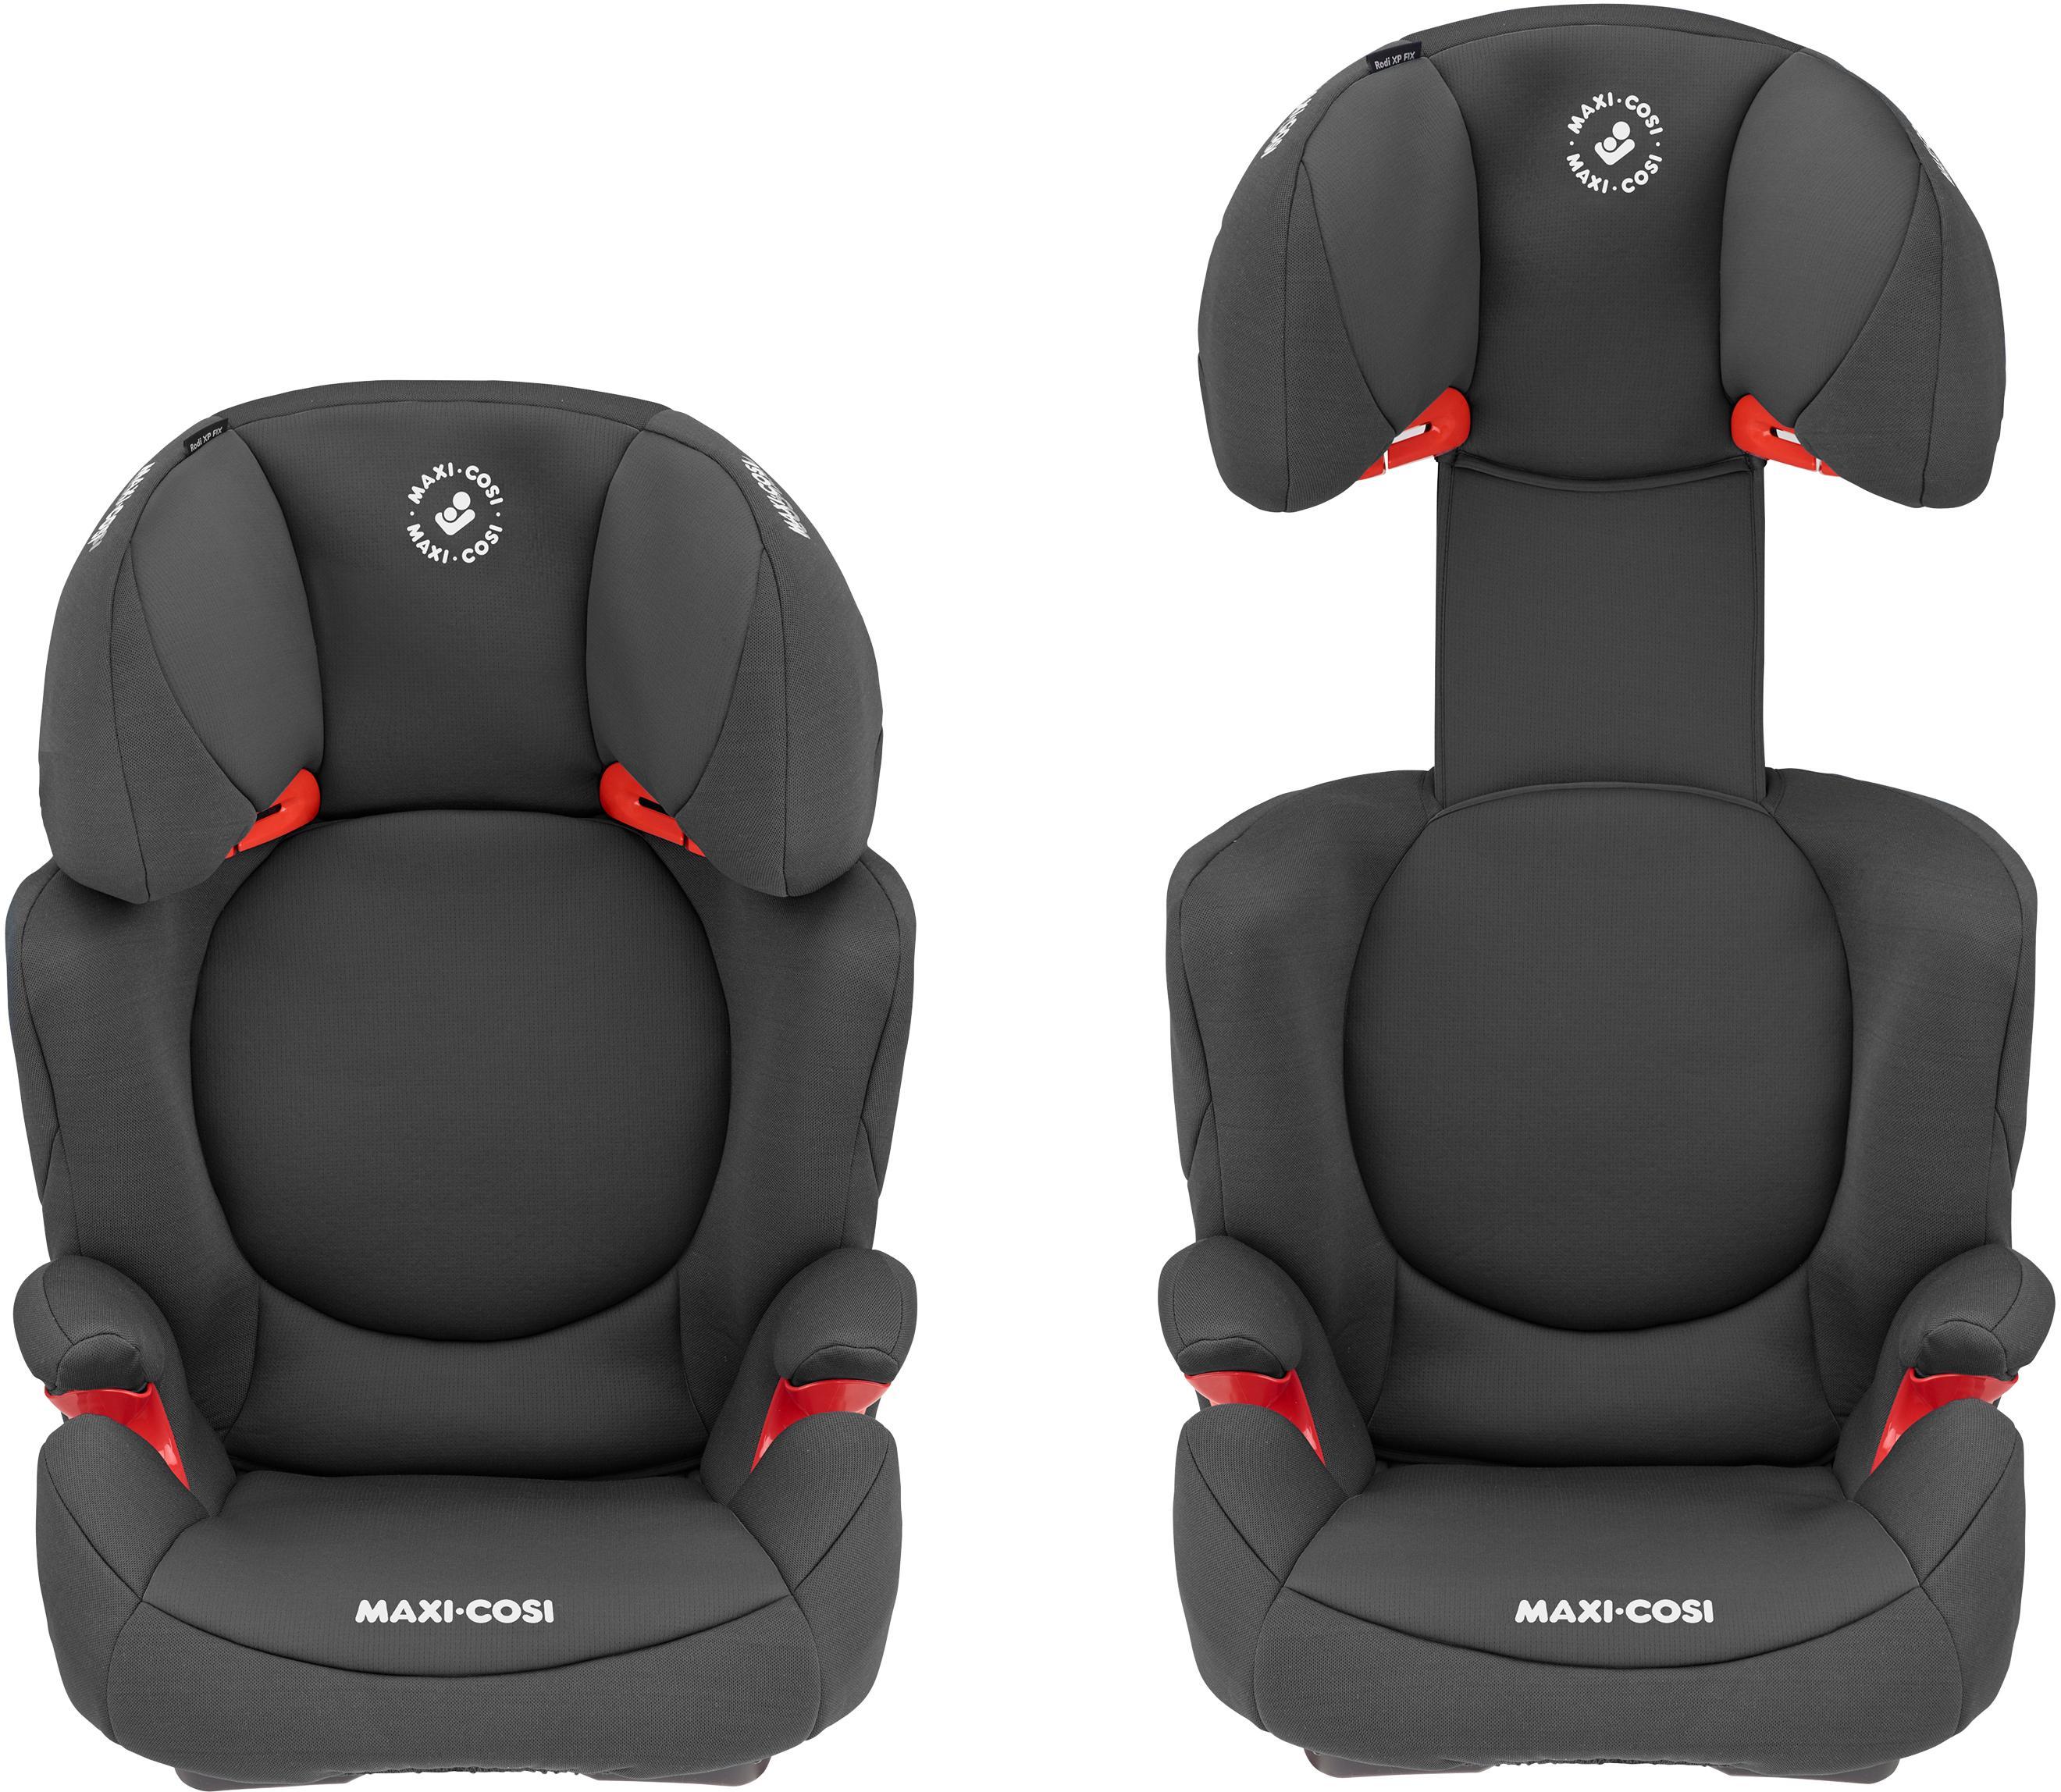 8712930157502 Kindersitz Maxi-Cosi Rodi XP FIX Basic Black MAXI-COSI